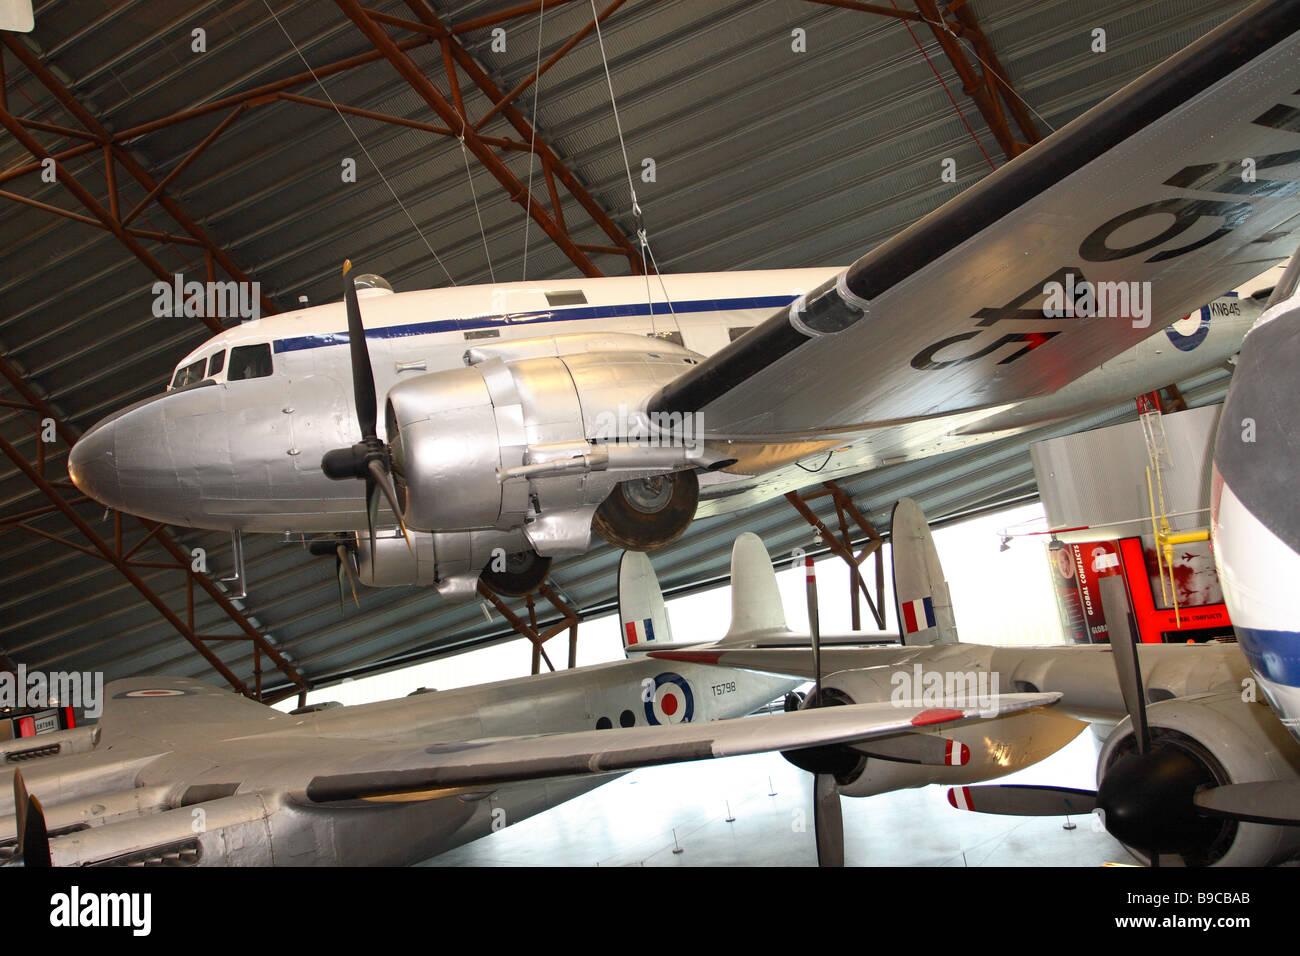 RAF Cosford Museo el avión de transporte C-47 Dakota está expuesta en la Exposición Nacional de la Imagen De Stock